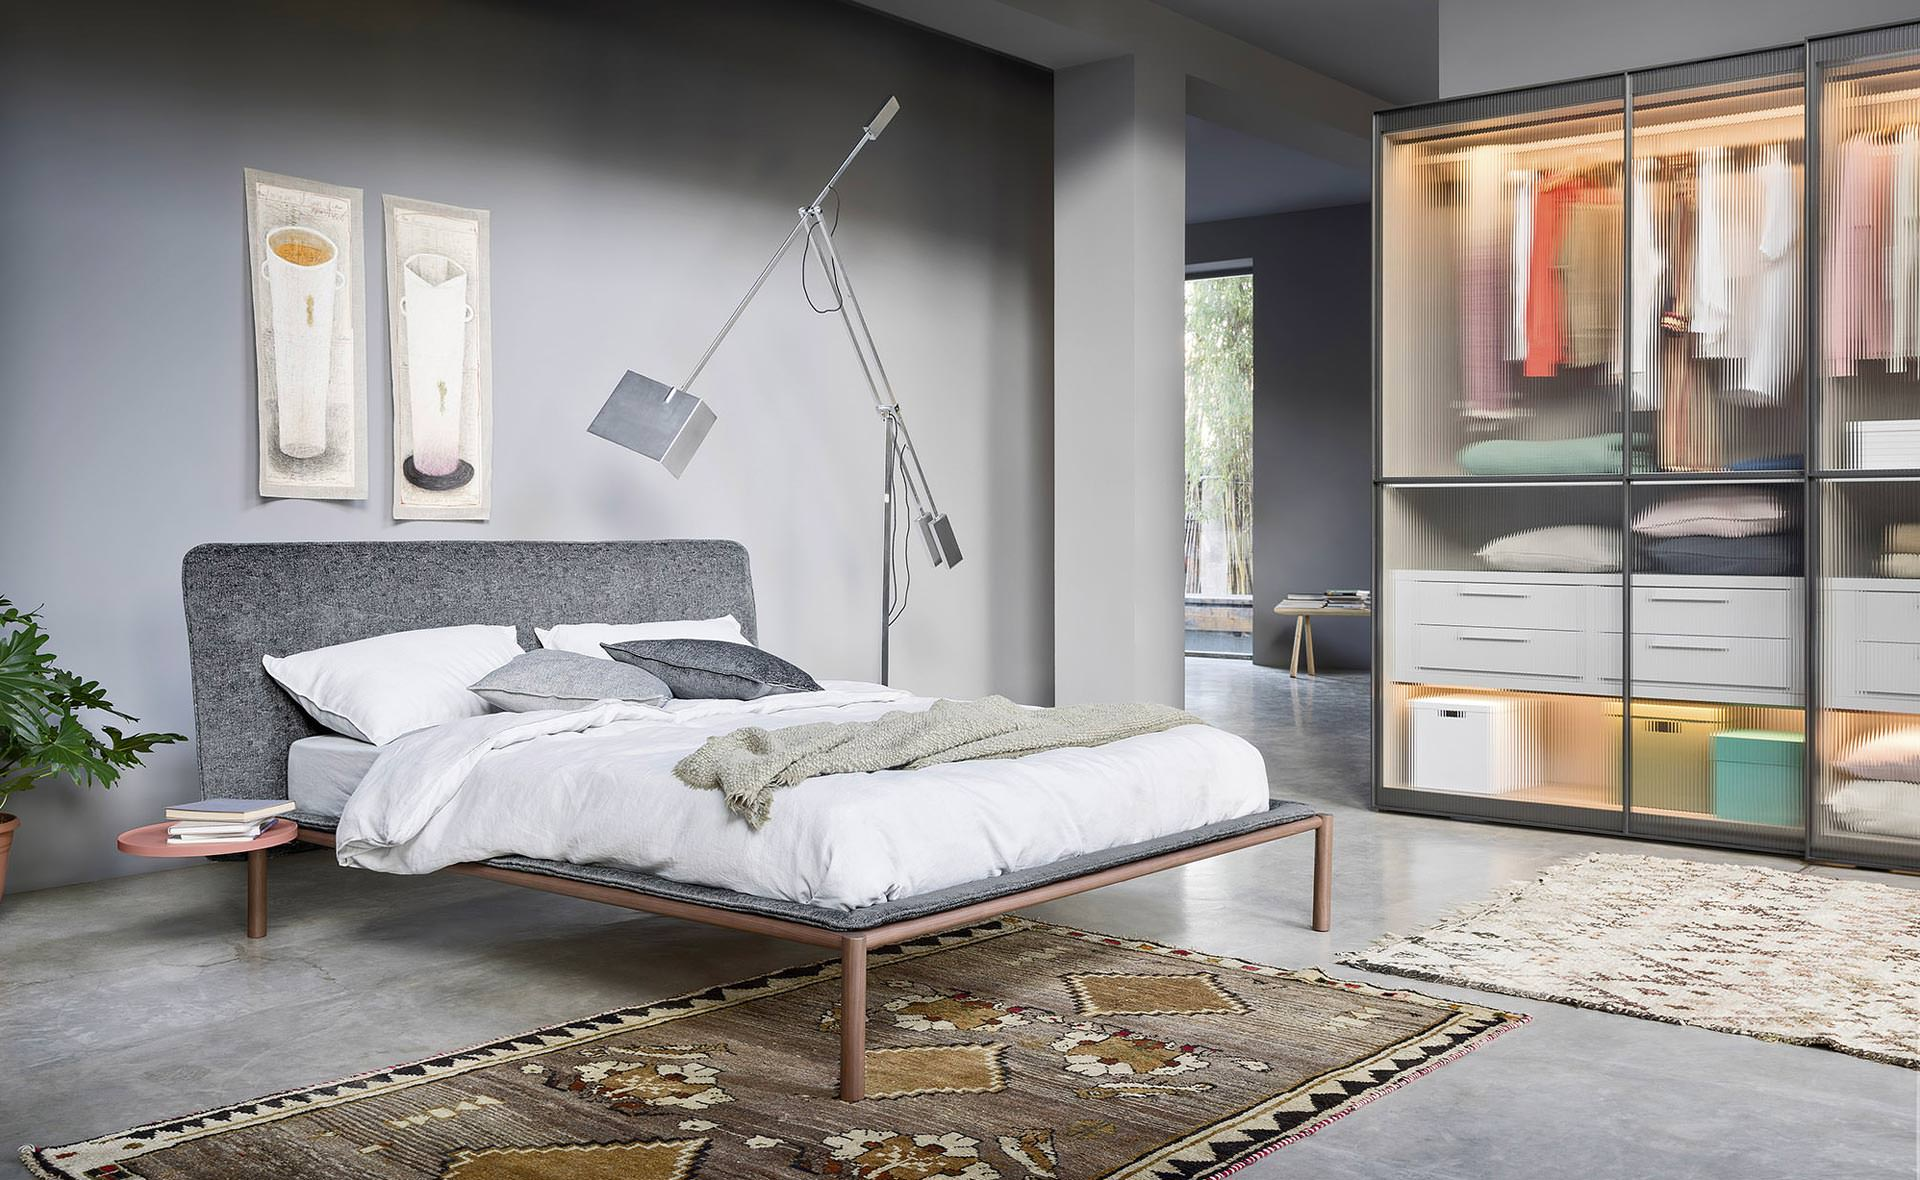 Sei nella sezione camere da letto di vicenza e provincia, qui trovi numerose proposte di camere a prezzi outlet con sconti del 40%, 50% e oltre. Settimi Arredo Design Notte